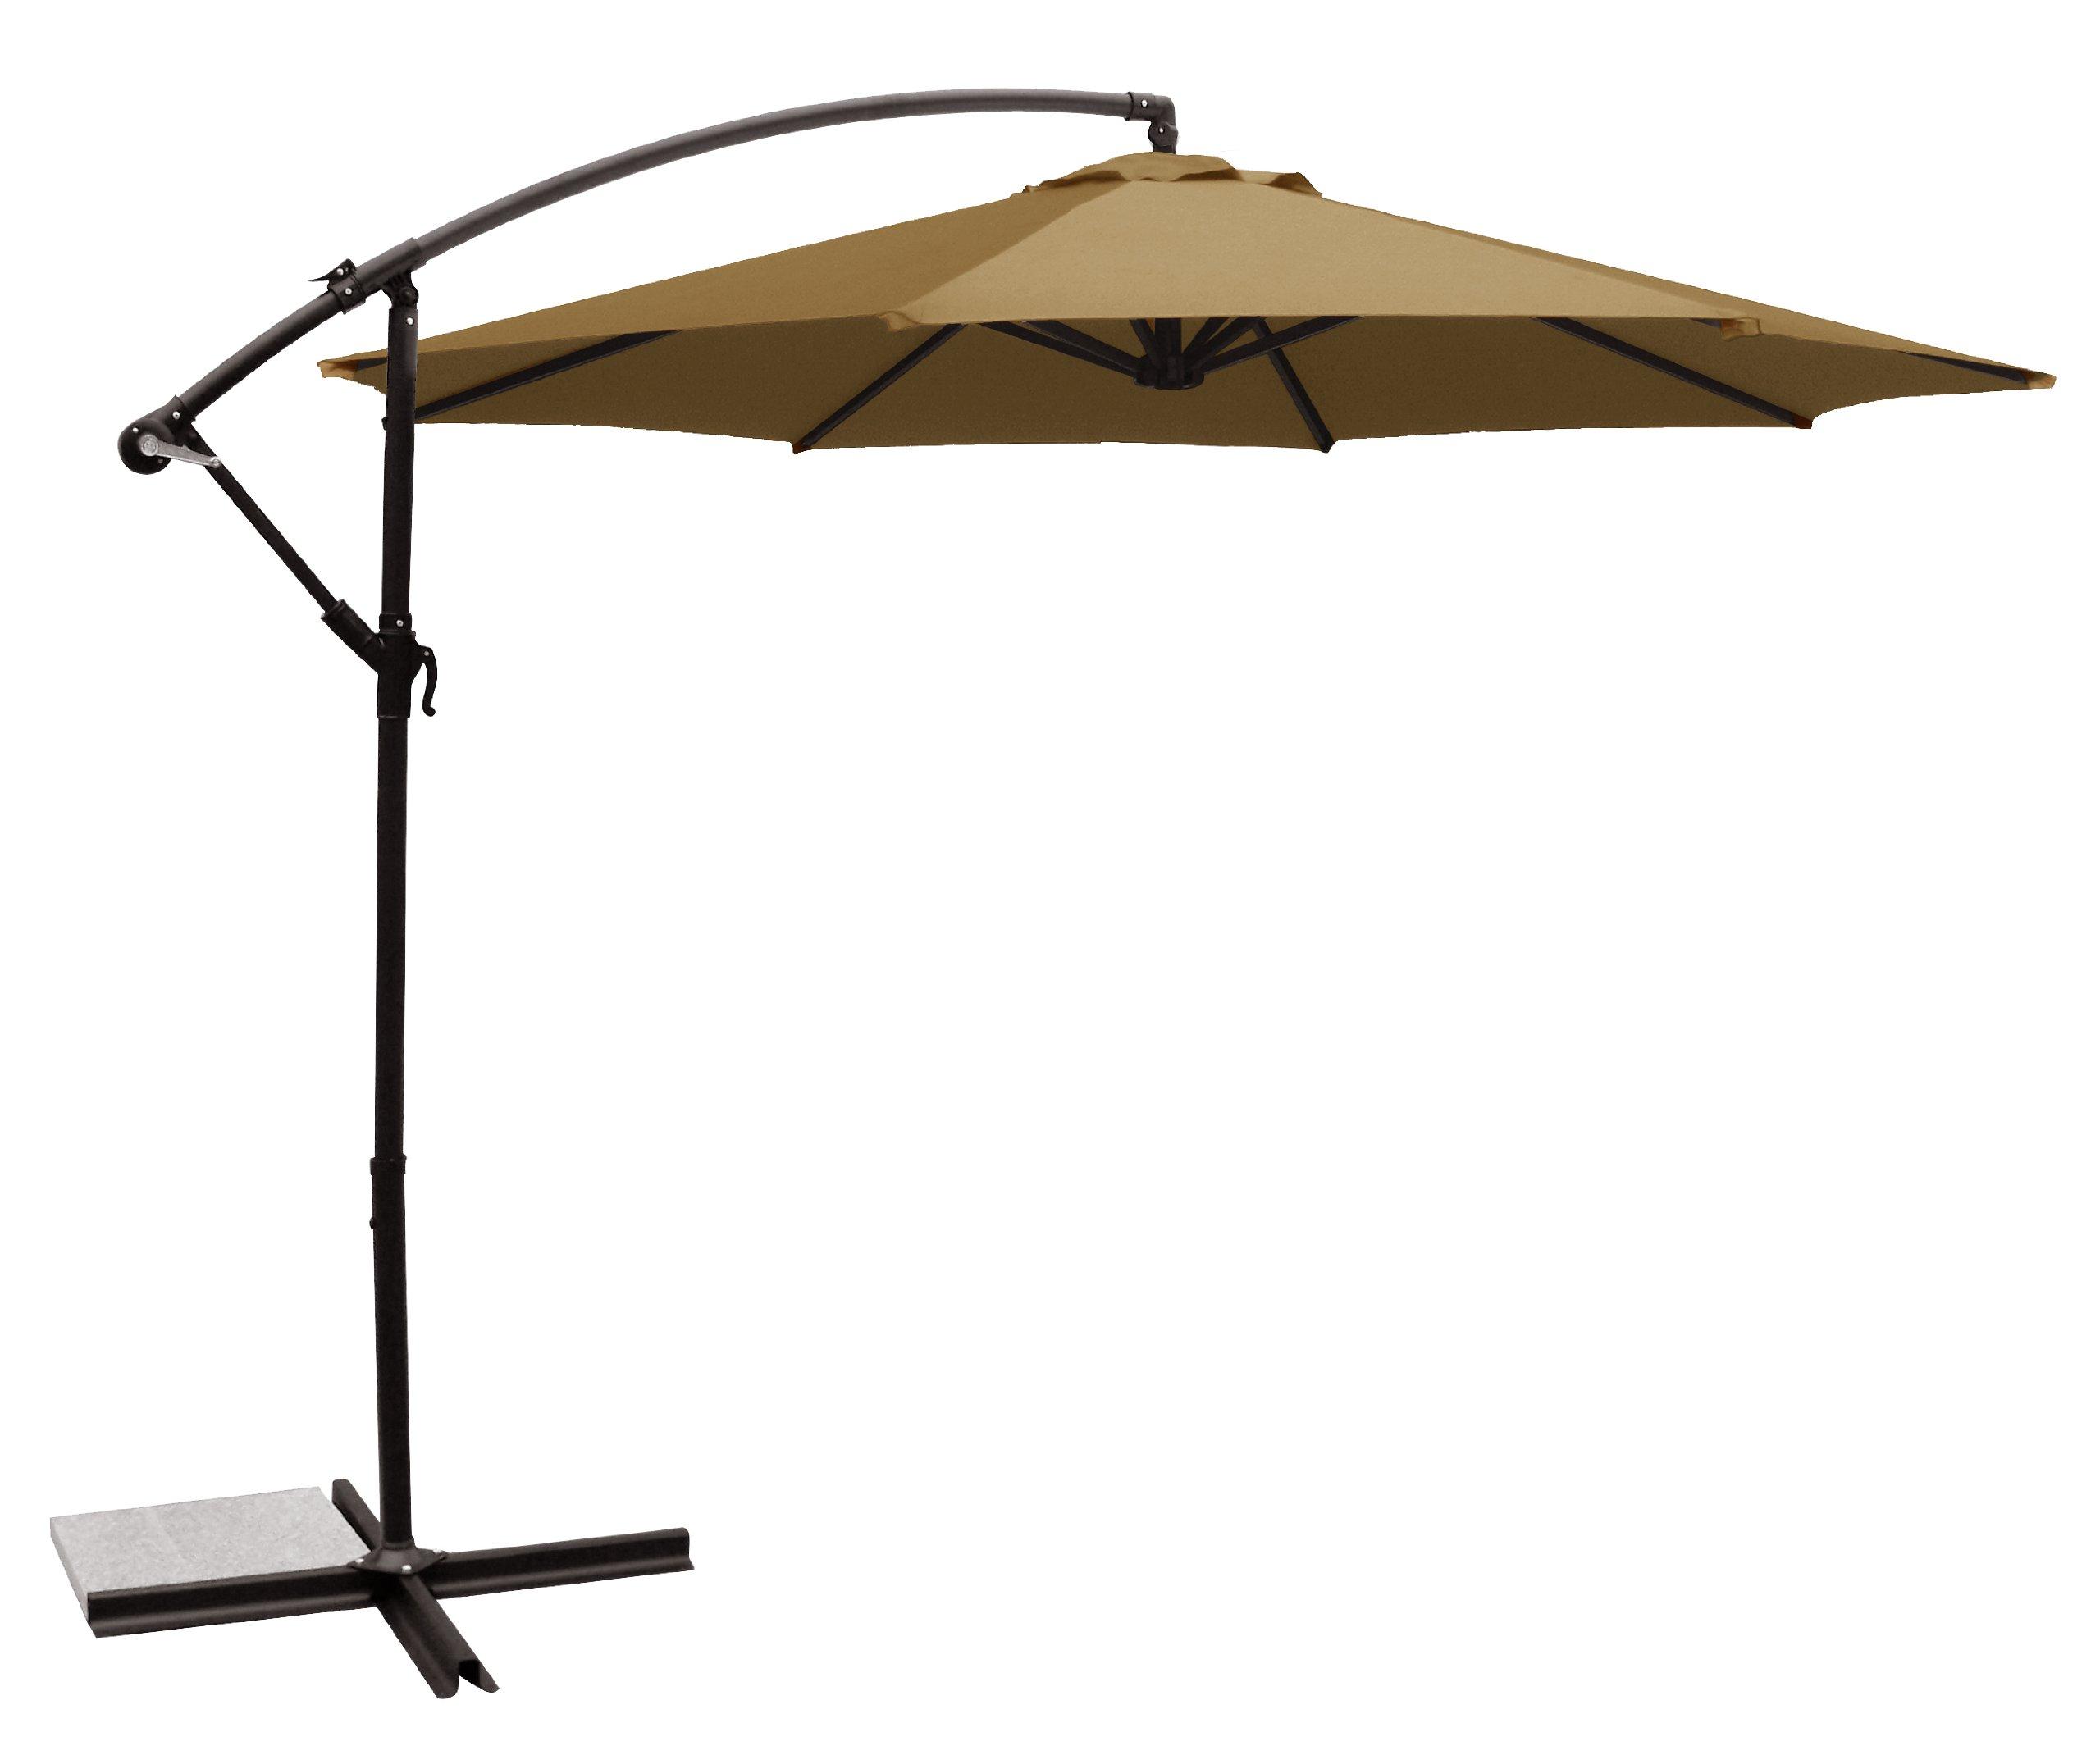 Ace Evert Offset Umbrella 8074, 10 ft, Polyester, Khaki